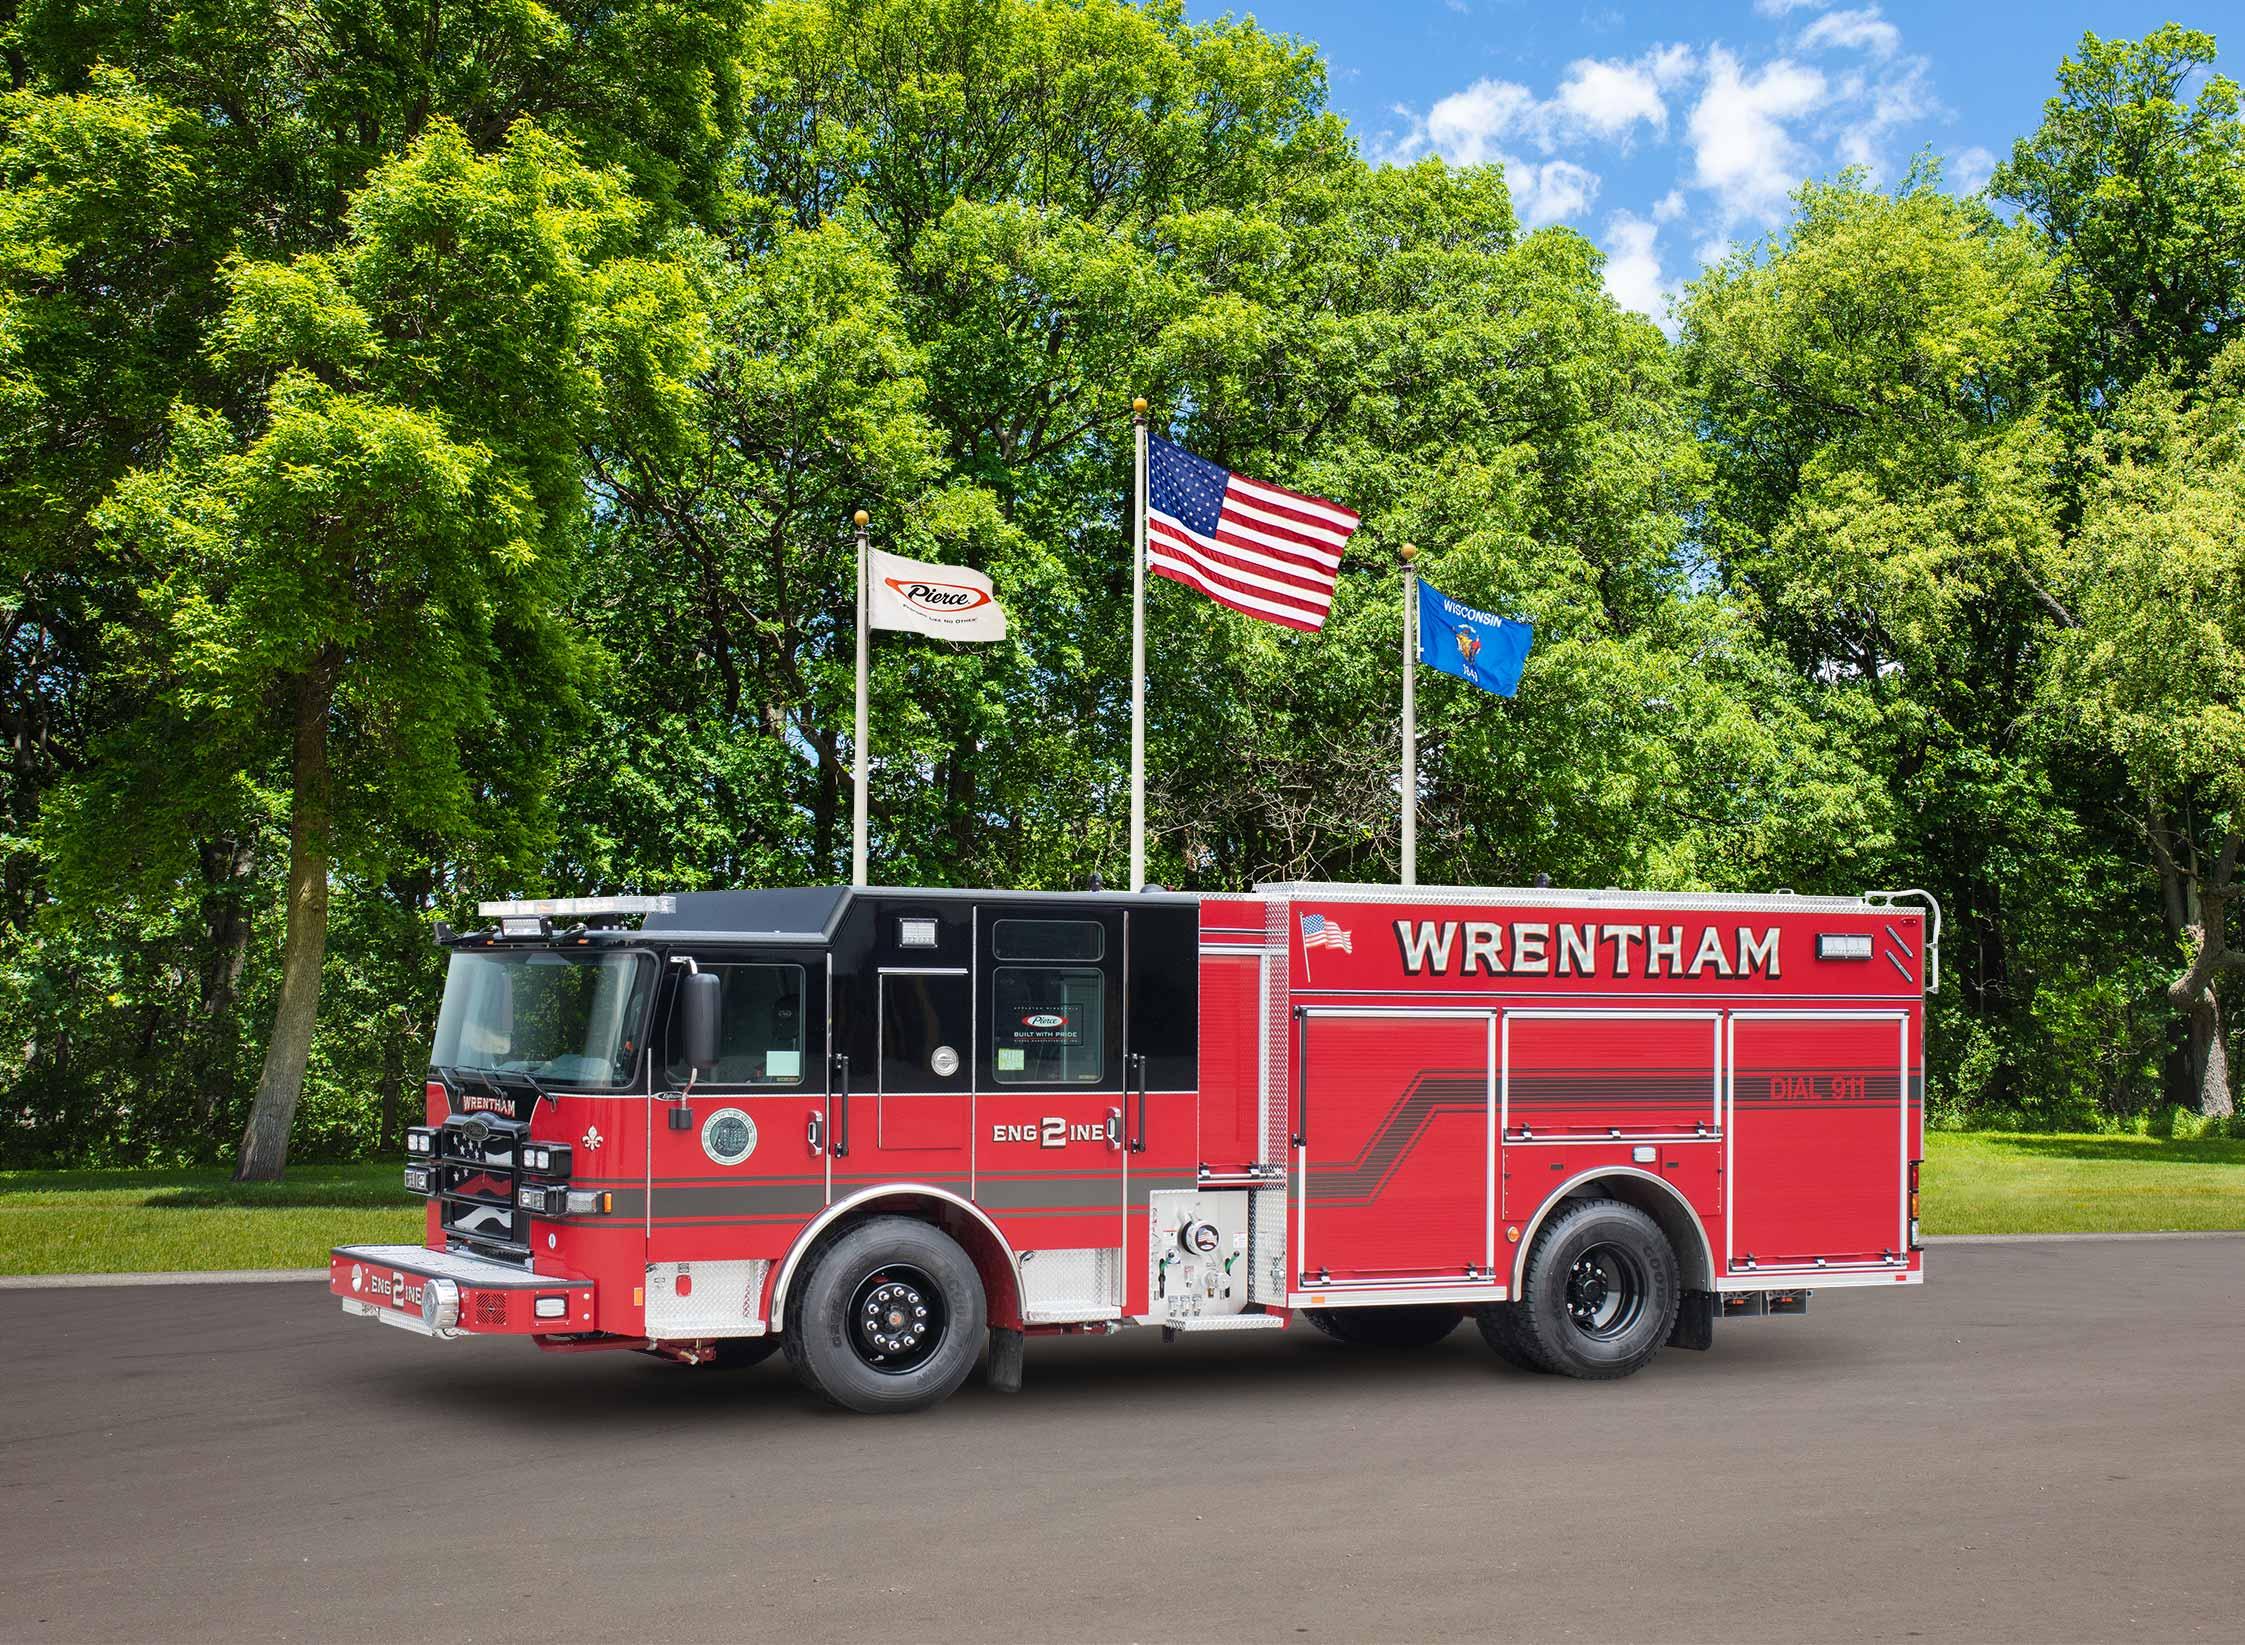 Wrentham Fire Department - Pumper